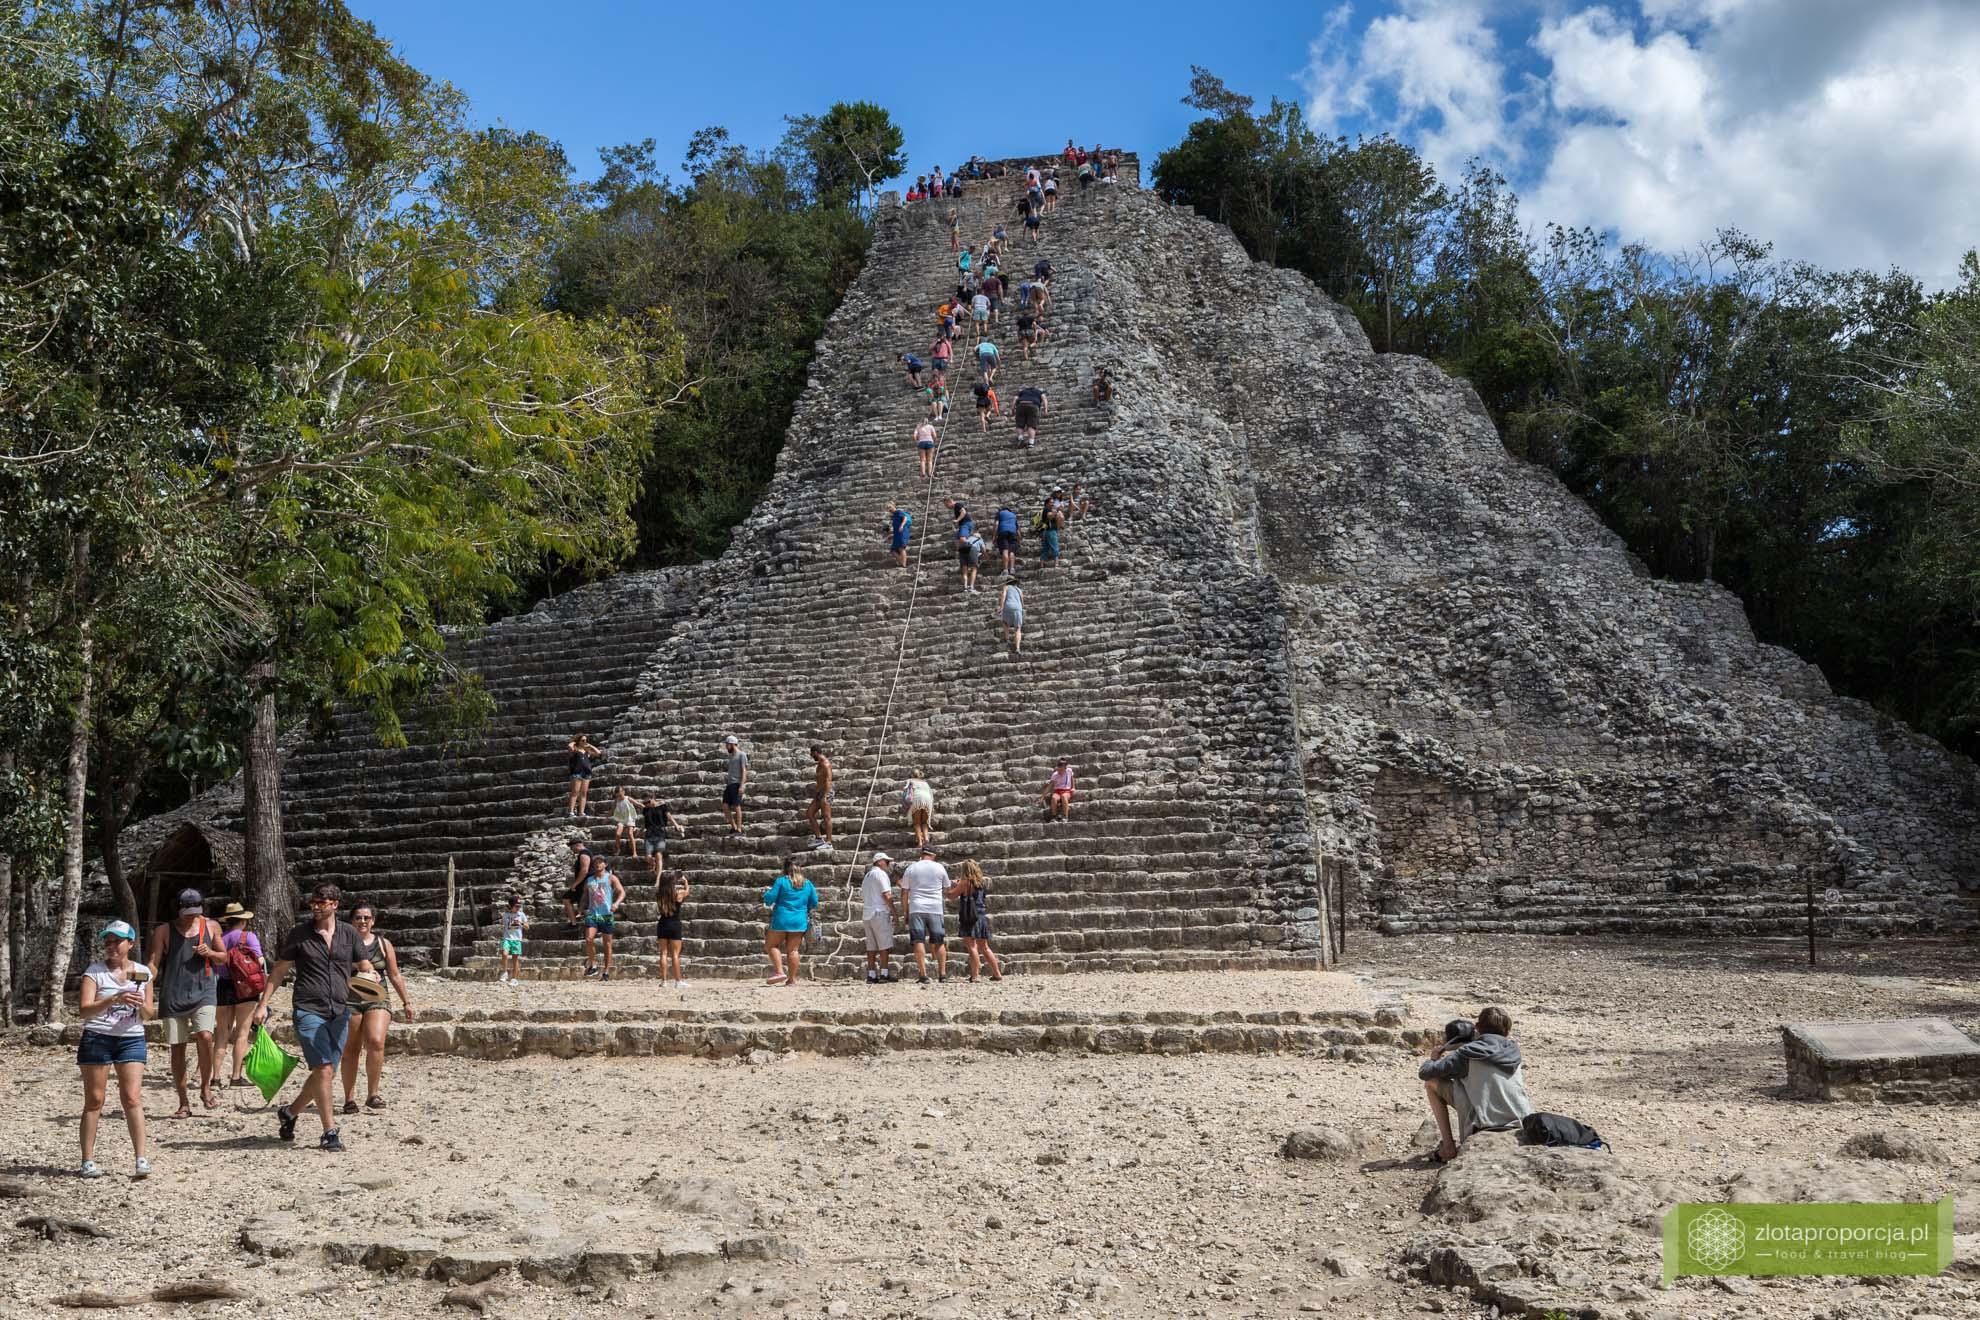 Meksyk, Miasta Majów, strefy archeologiczne na Jukatanie; Majowie budowle, Miasta Majów Meksyk, Majowie osiągnięcia; Coba, Miasta Majów Jukatan; Nohoch Mul Coba,piramida Nohoch Mul;